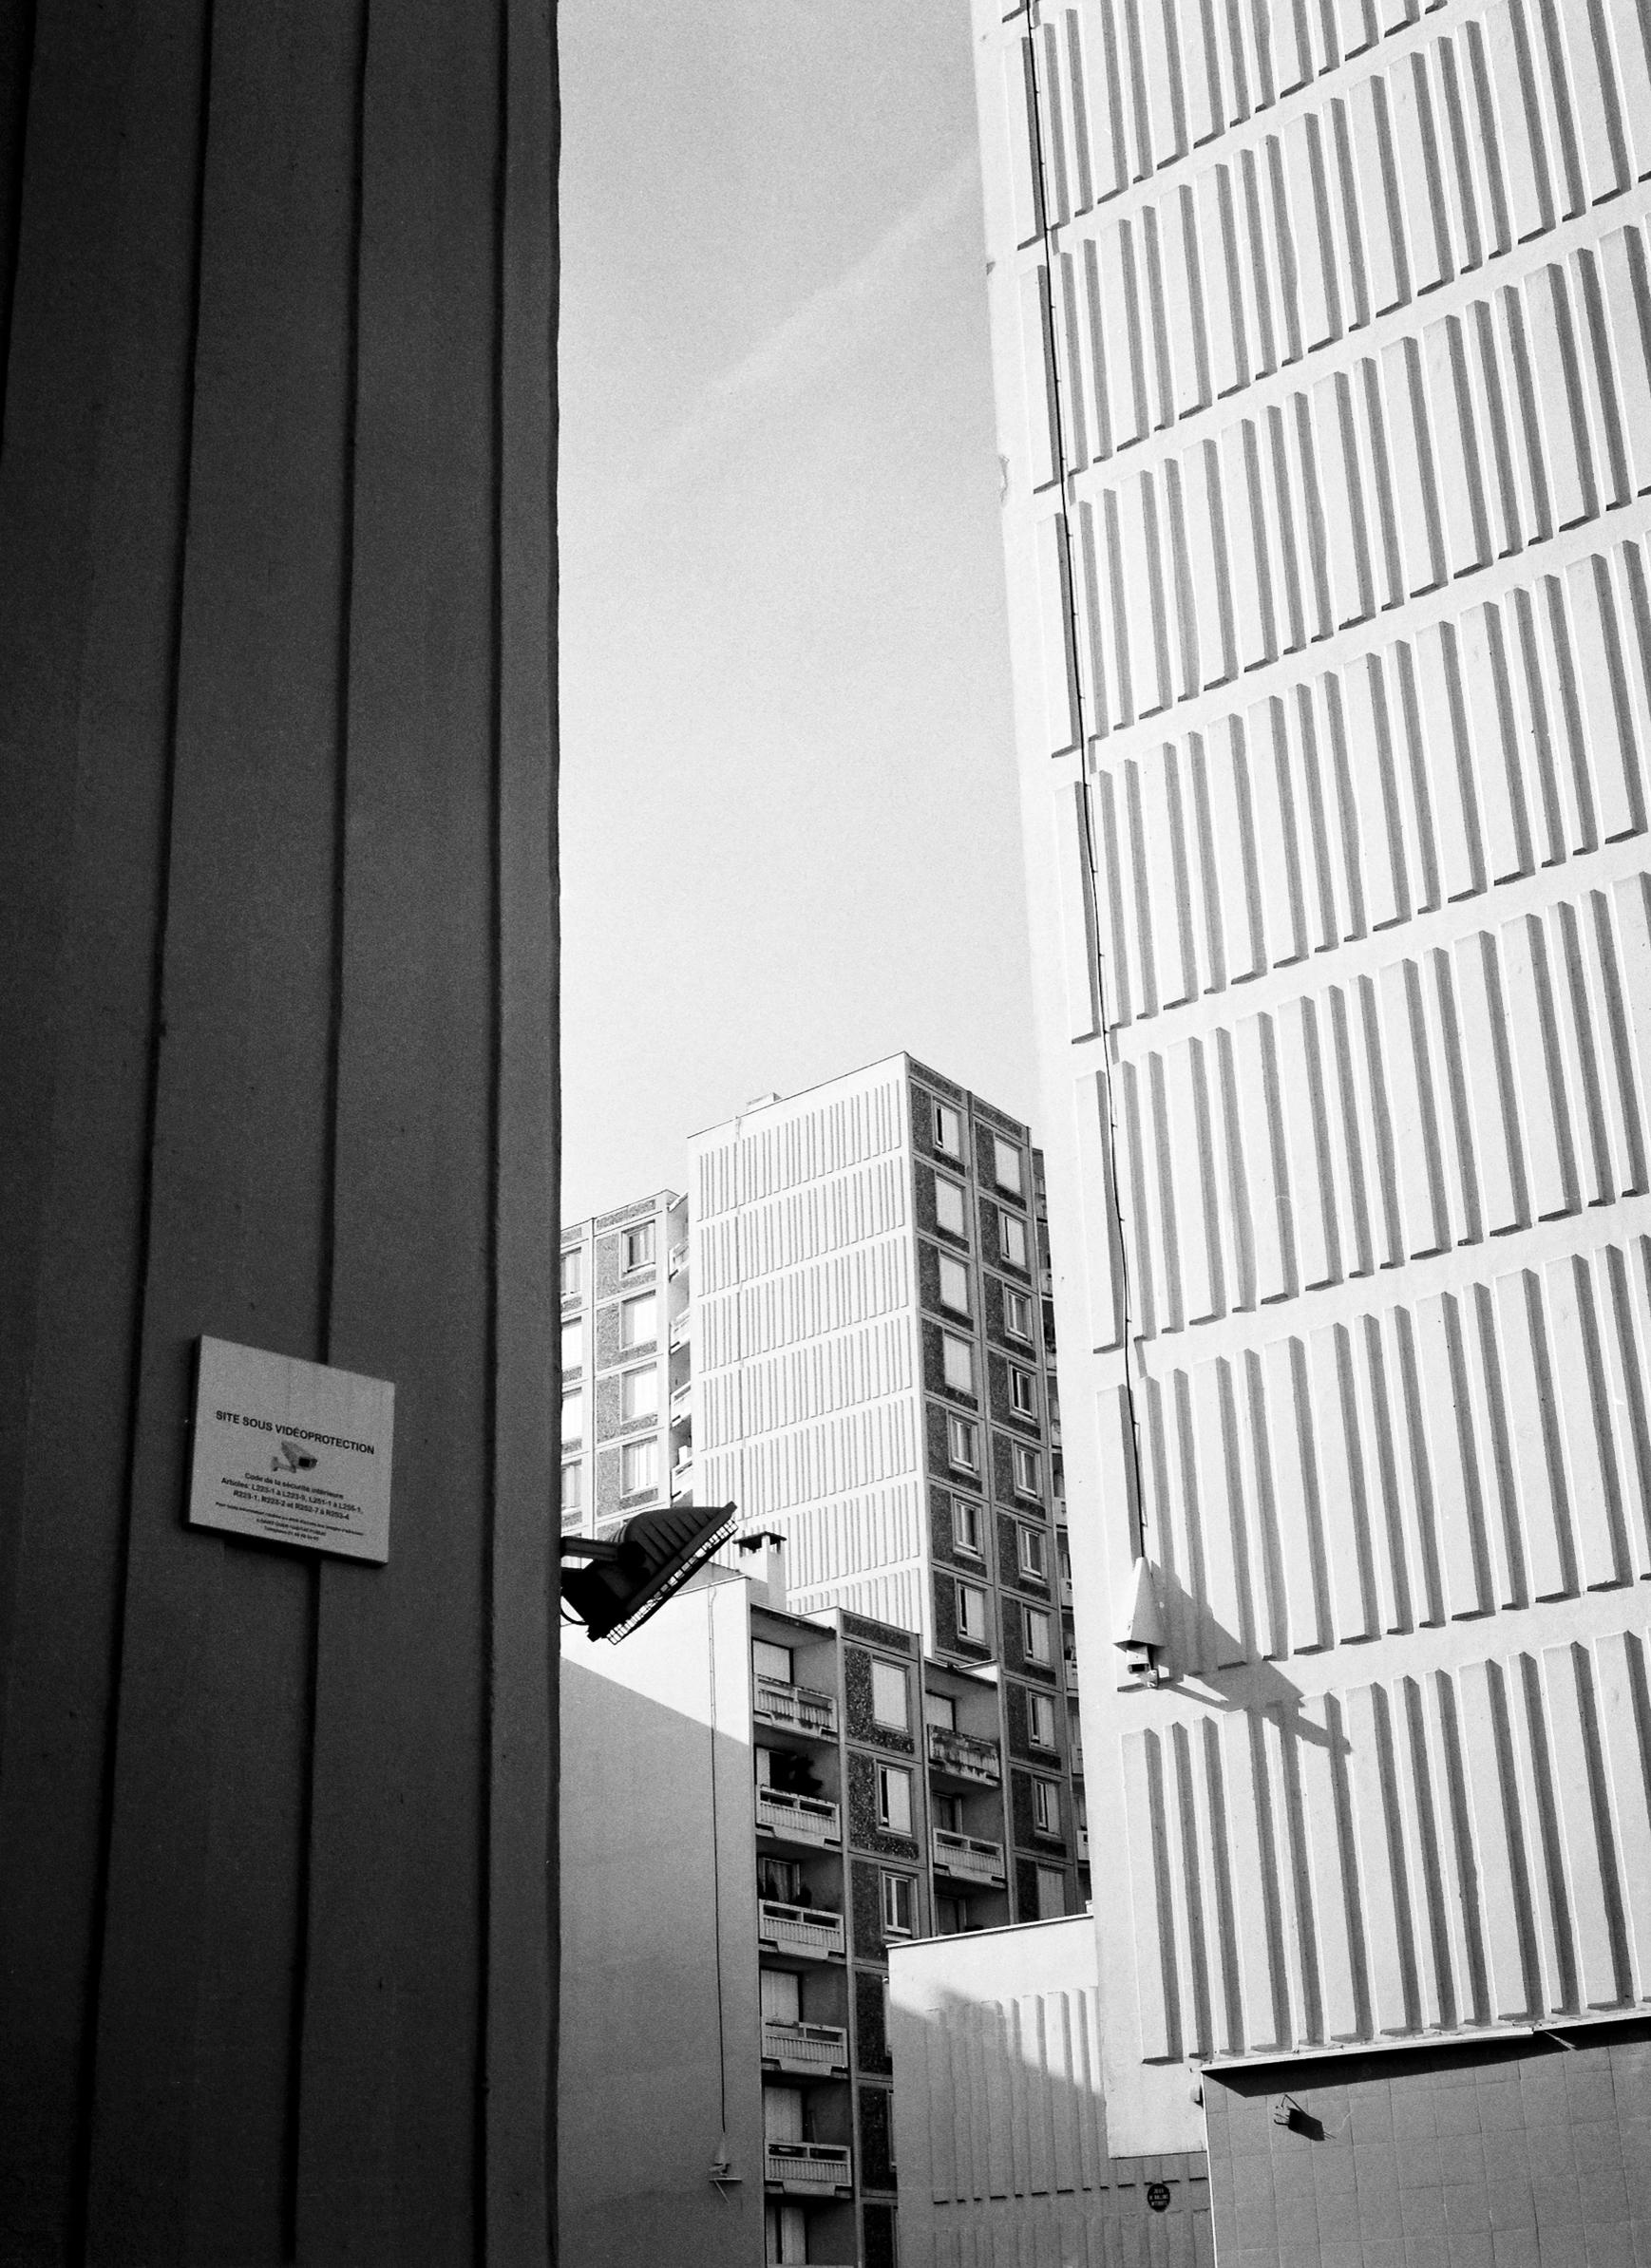 Architecture / Saint-Ouen, 2017 - j_cortie | ello